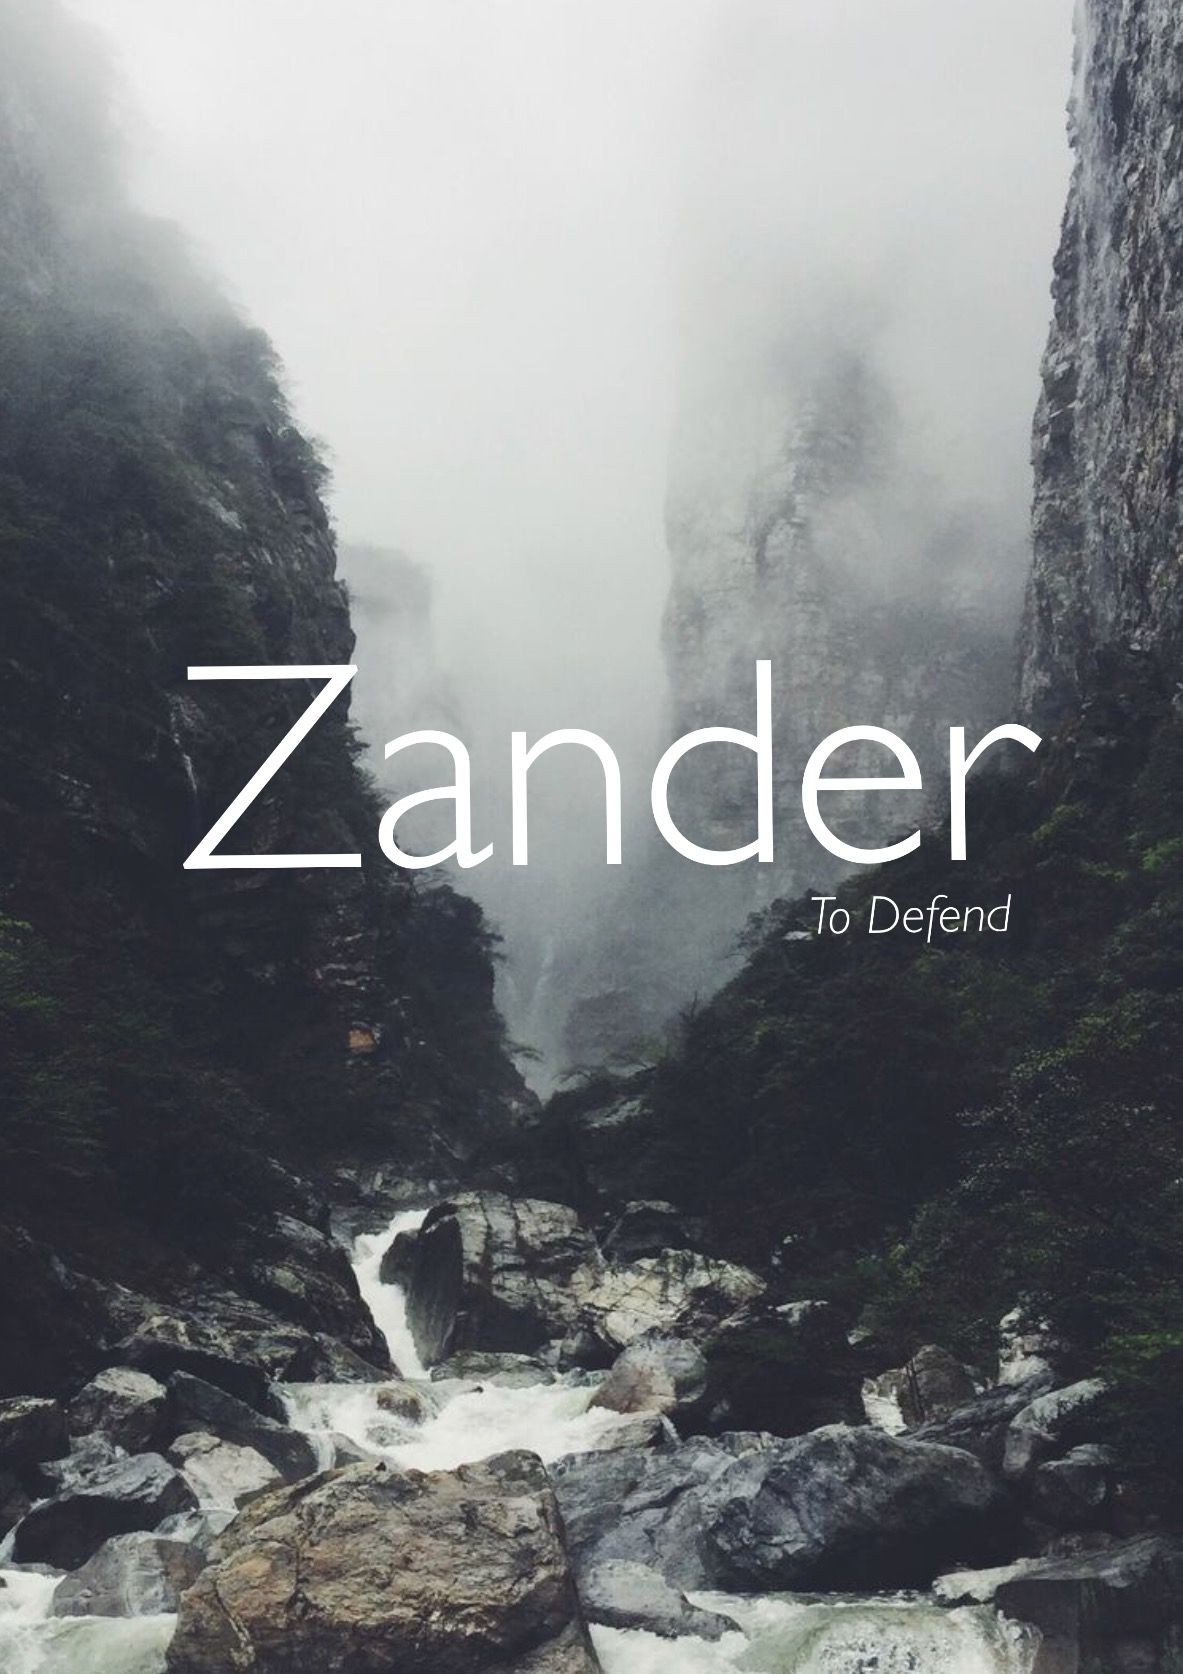 zander variation of alexander to defend defender of men strong